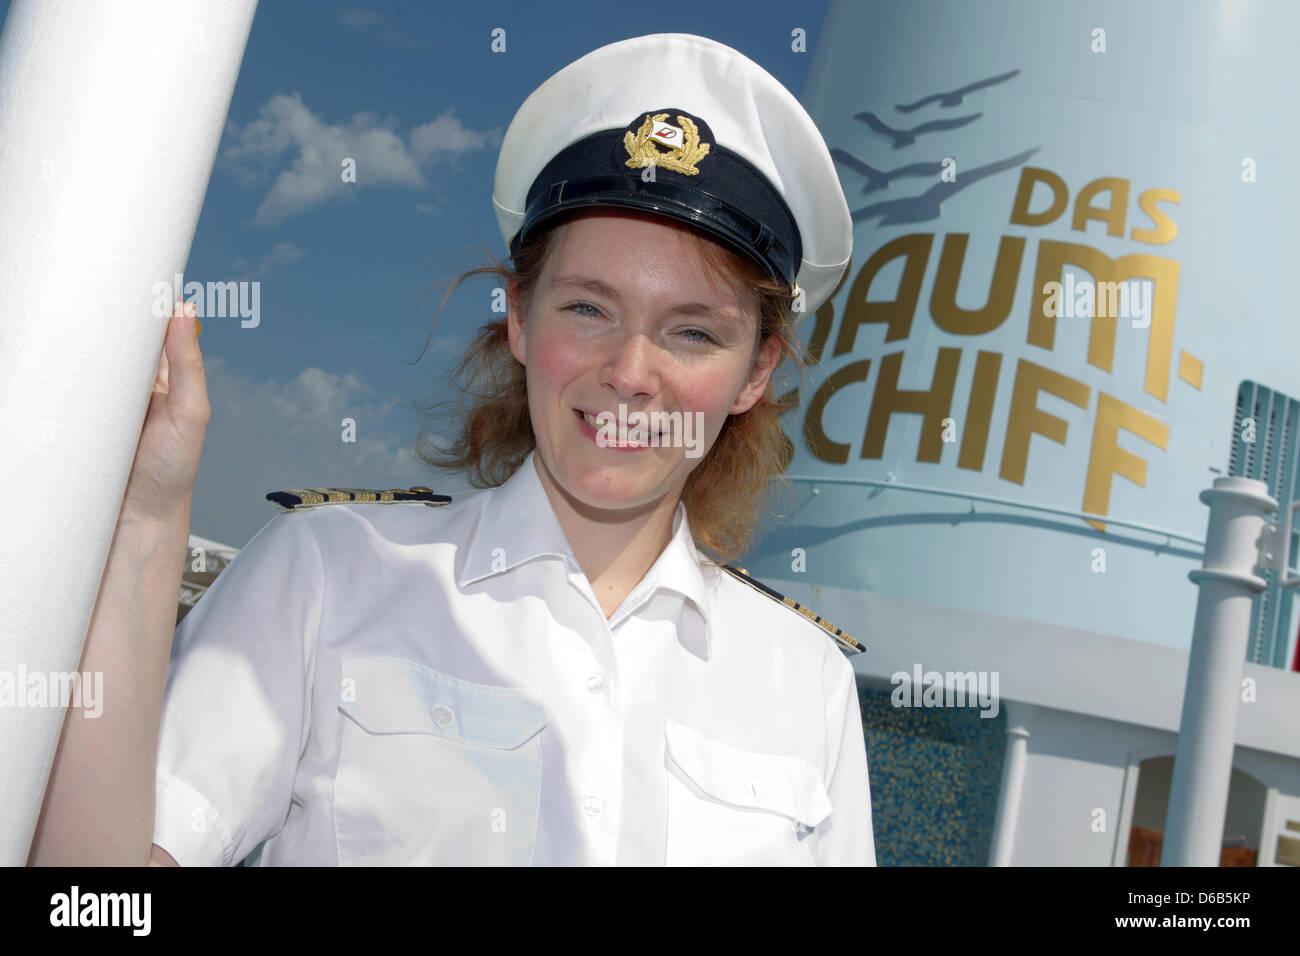 captain deutschland